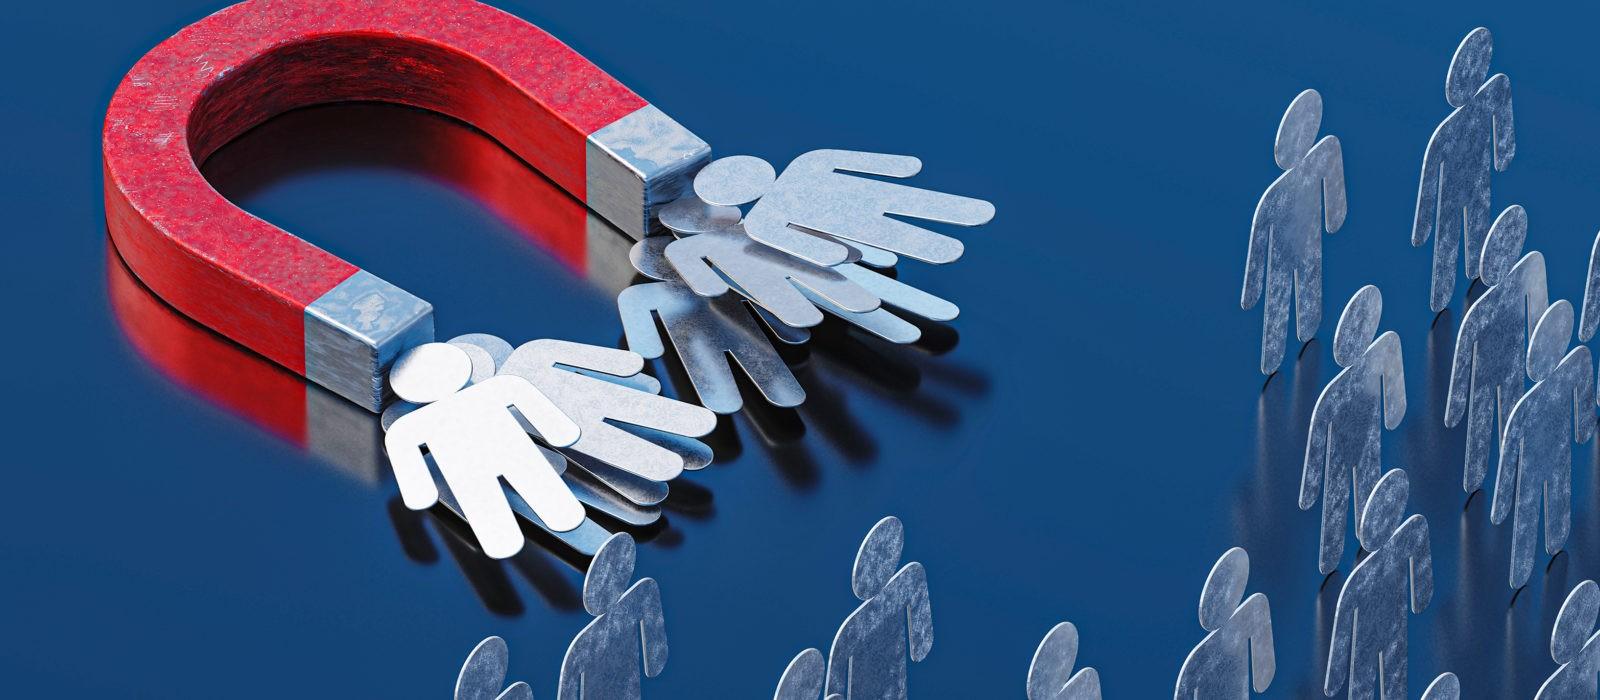 tattiche di social engineering: quali sono e come difendersi